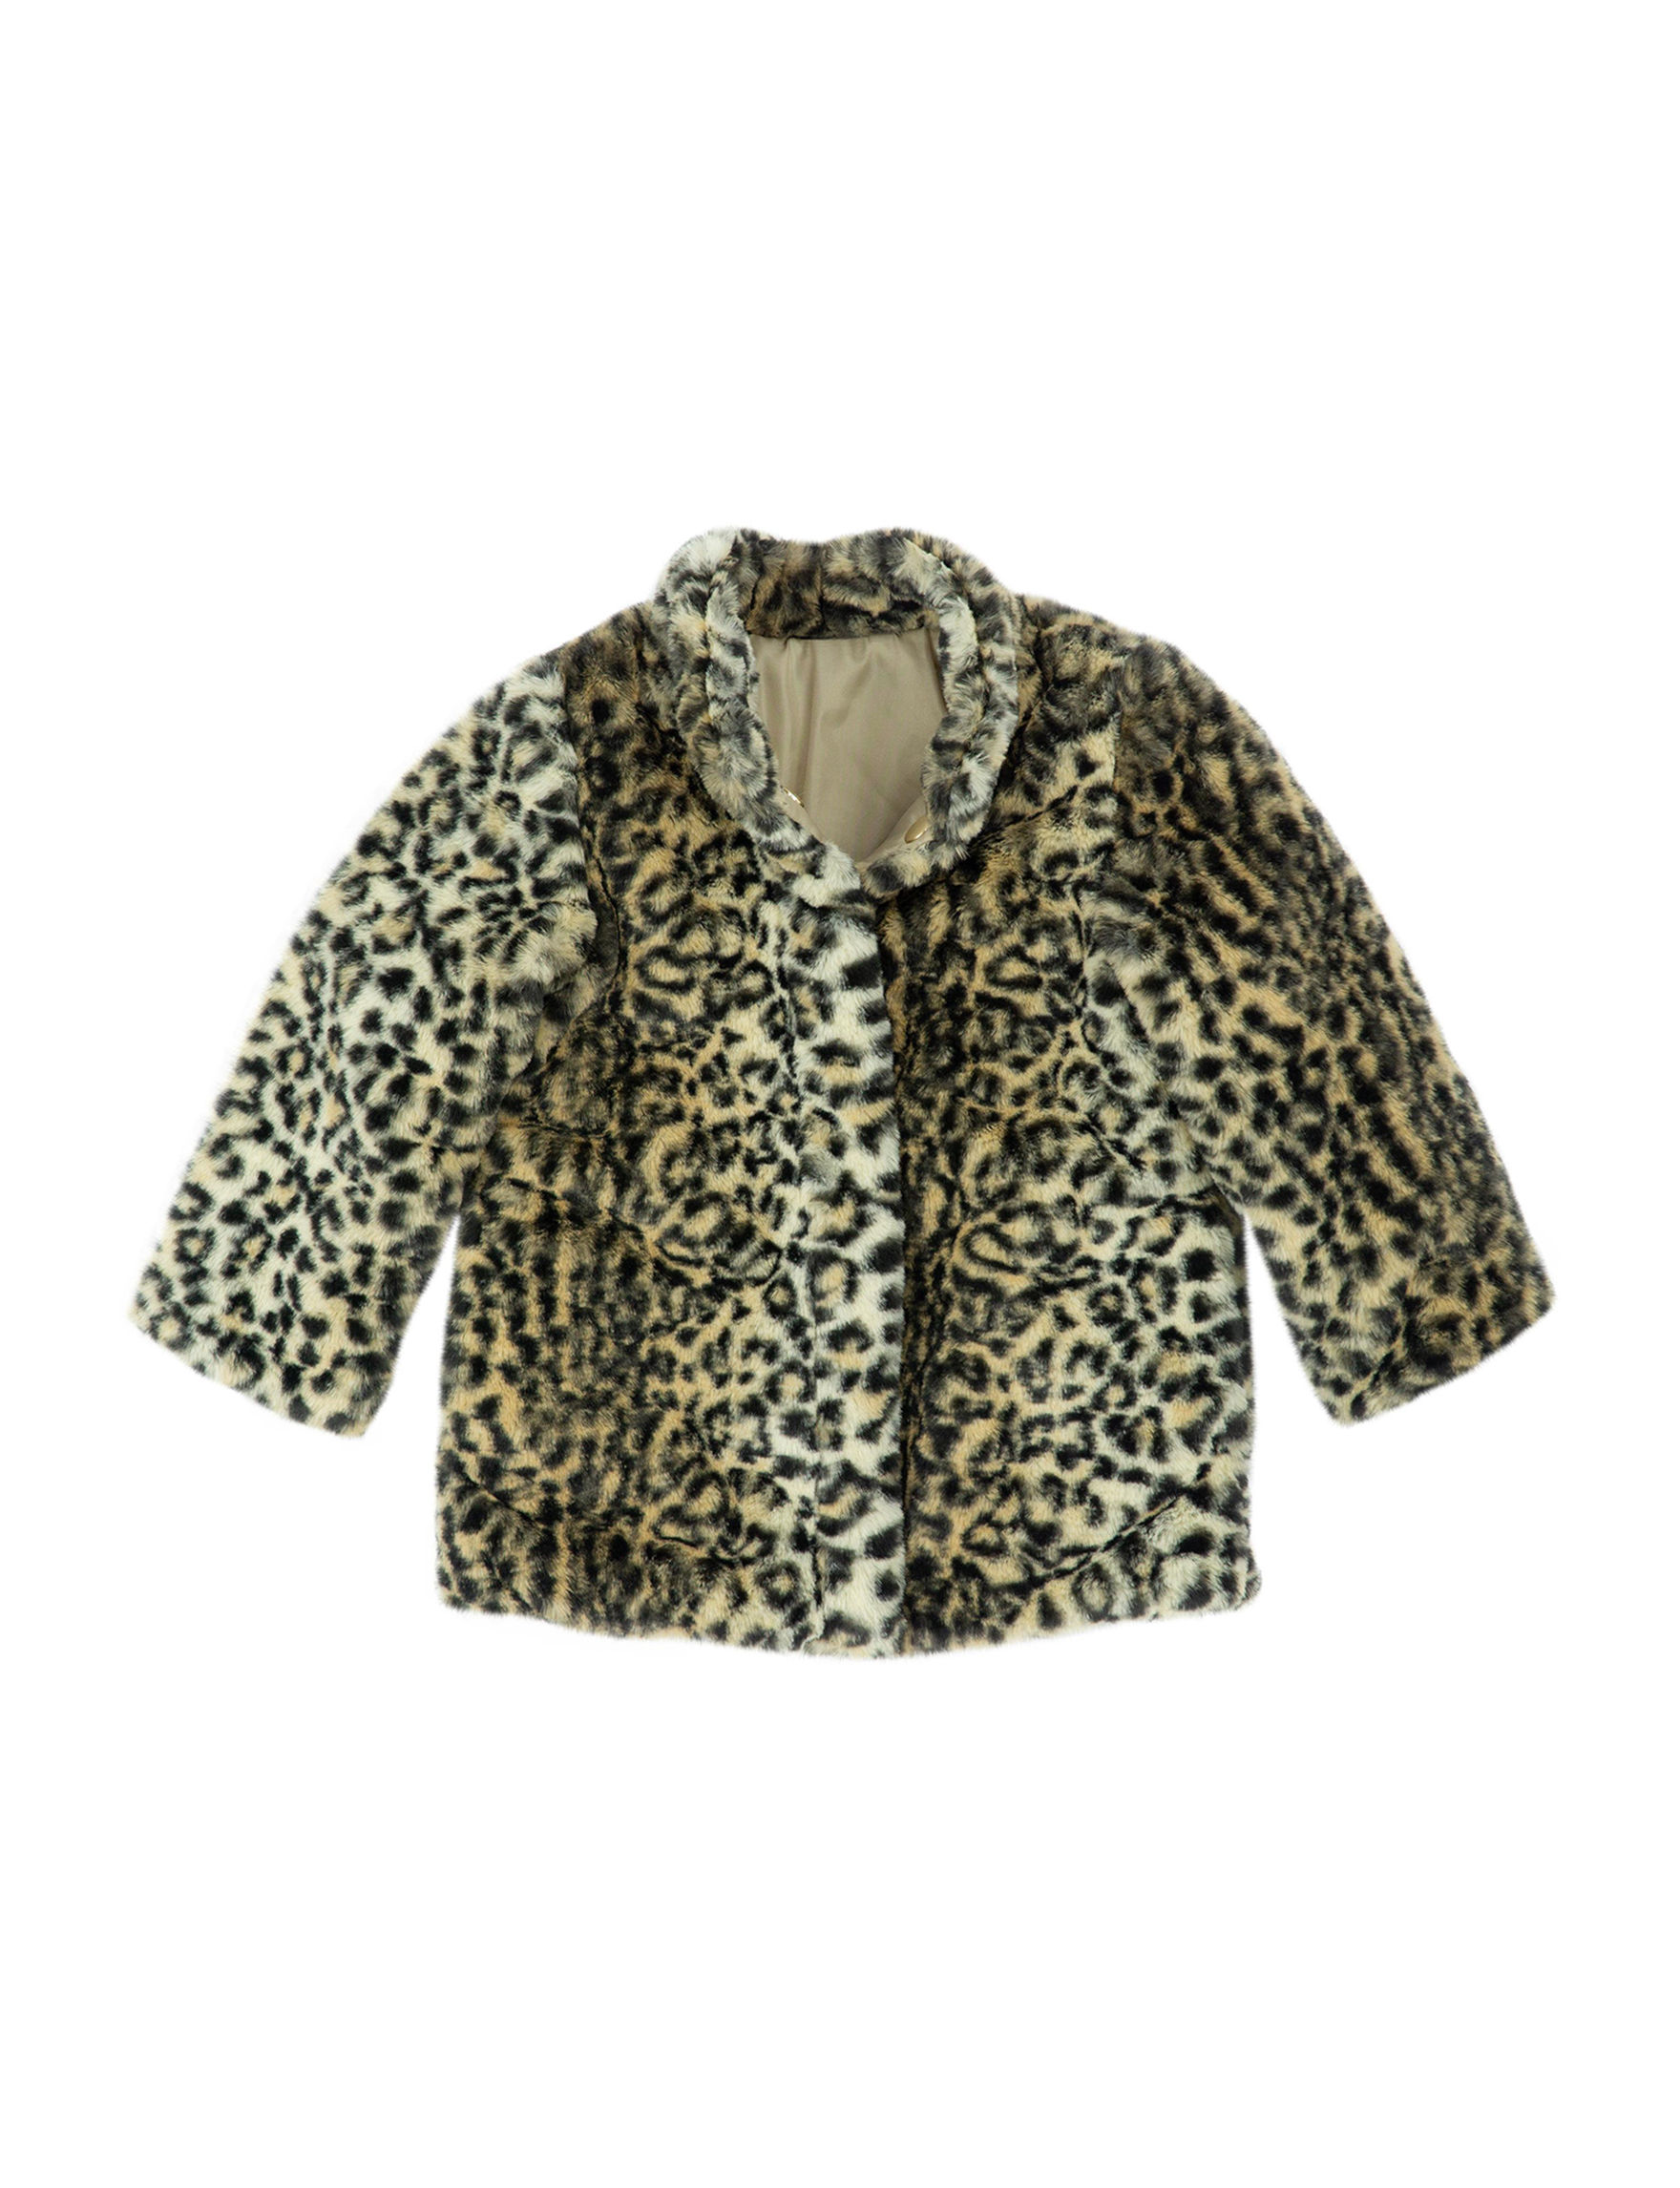 Carter's Cheetah